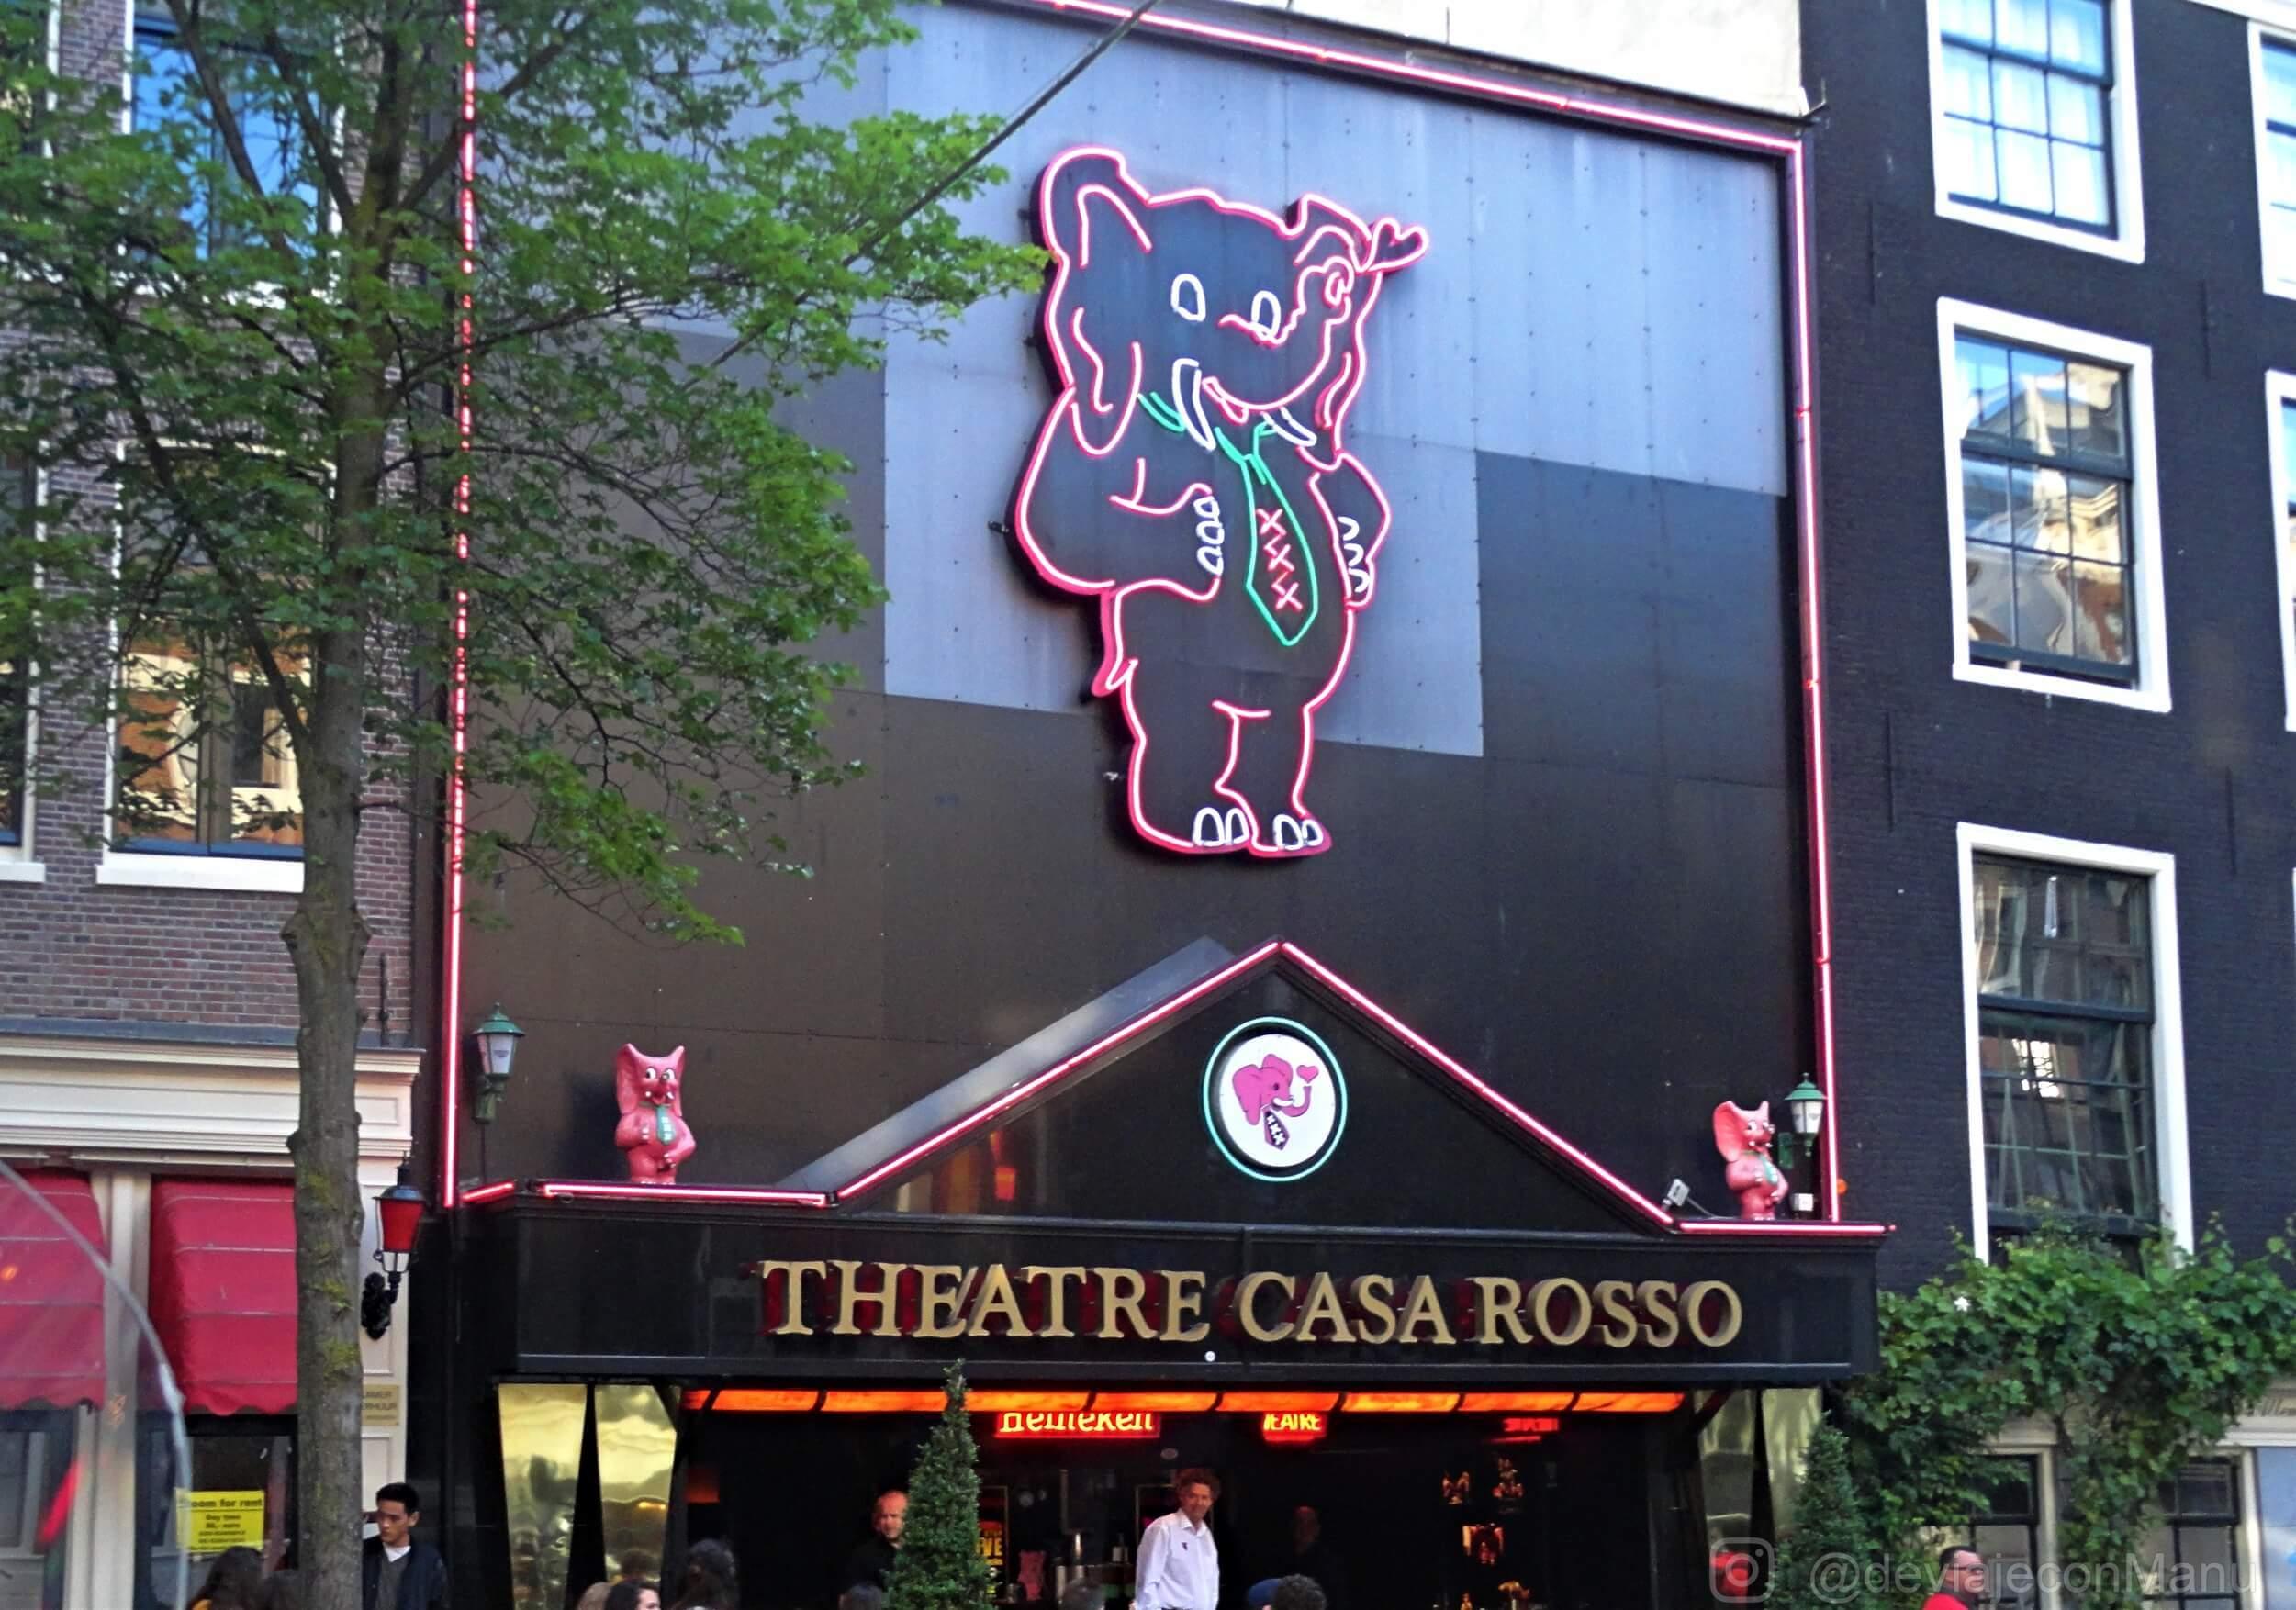 Theatre Rosso